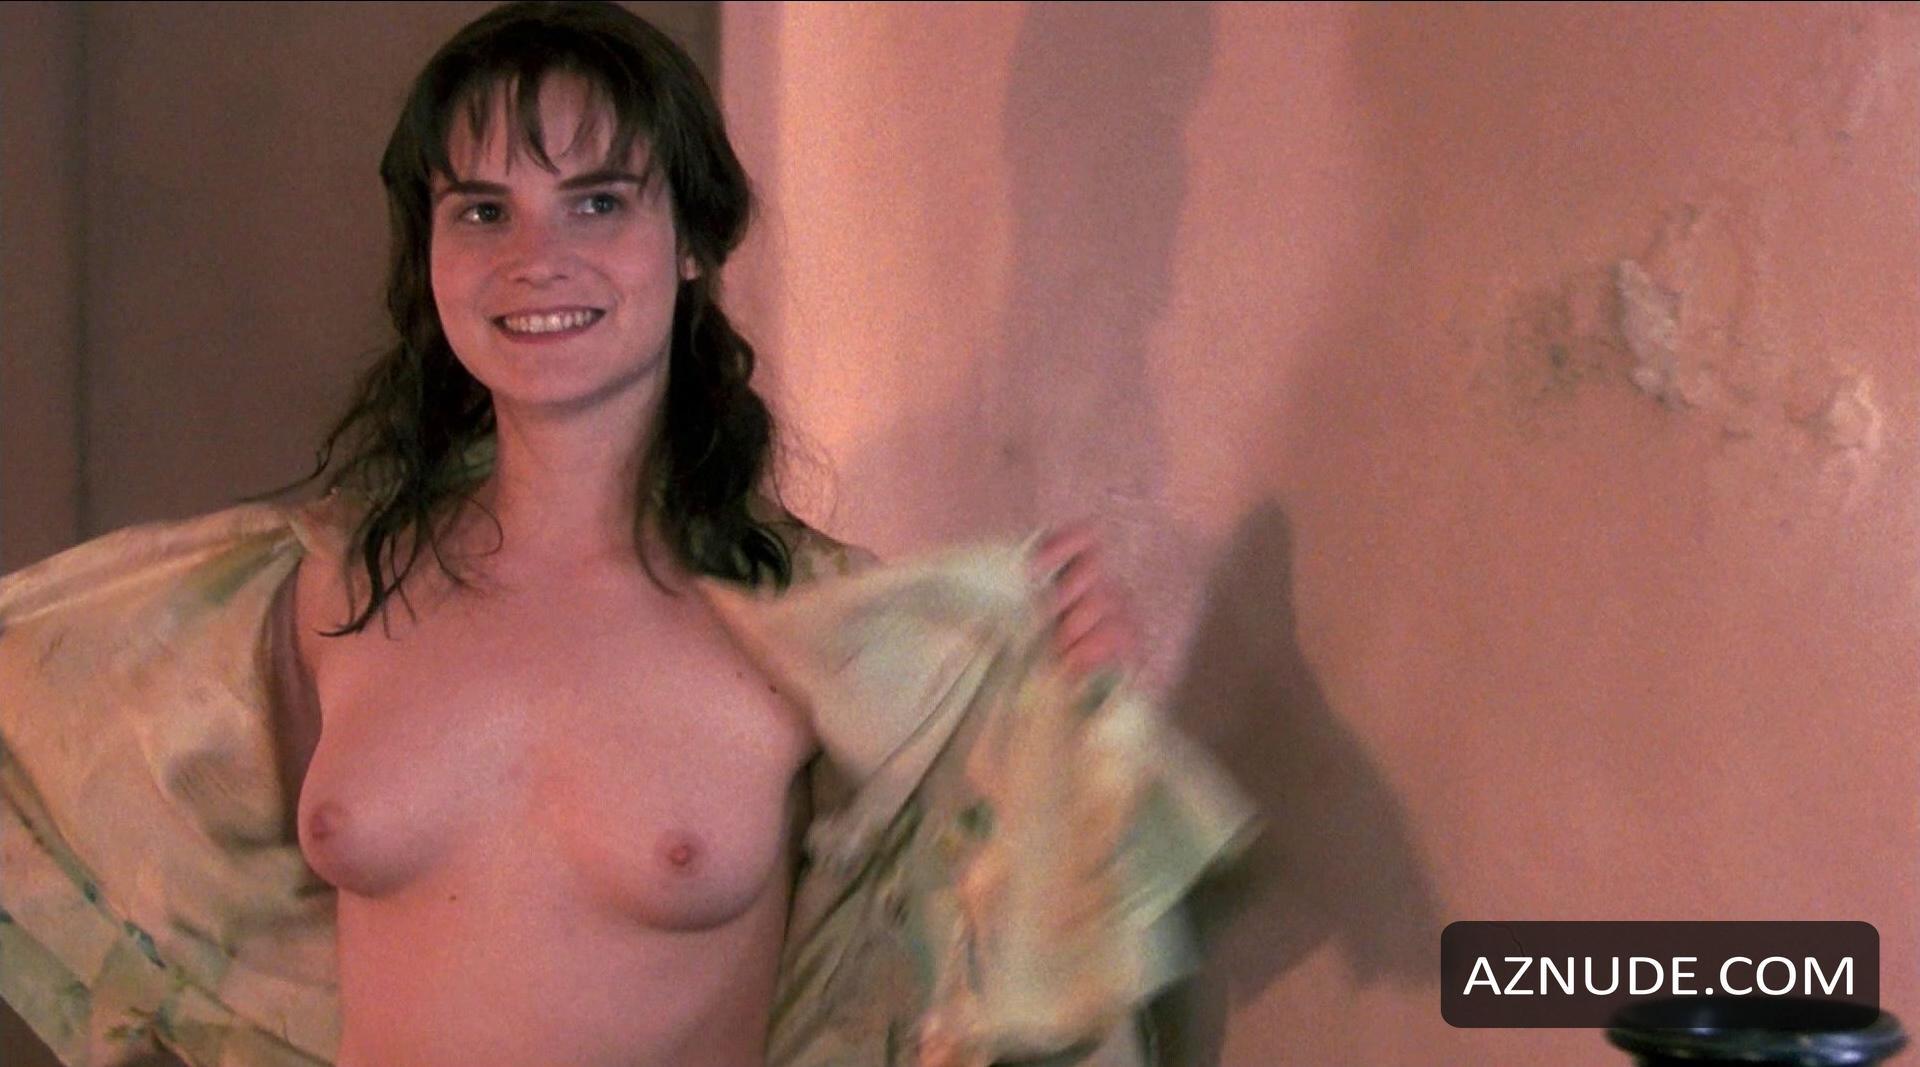 Naked asian girl outside